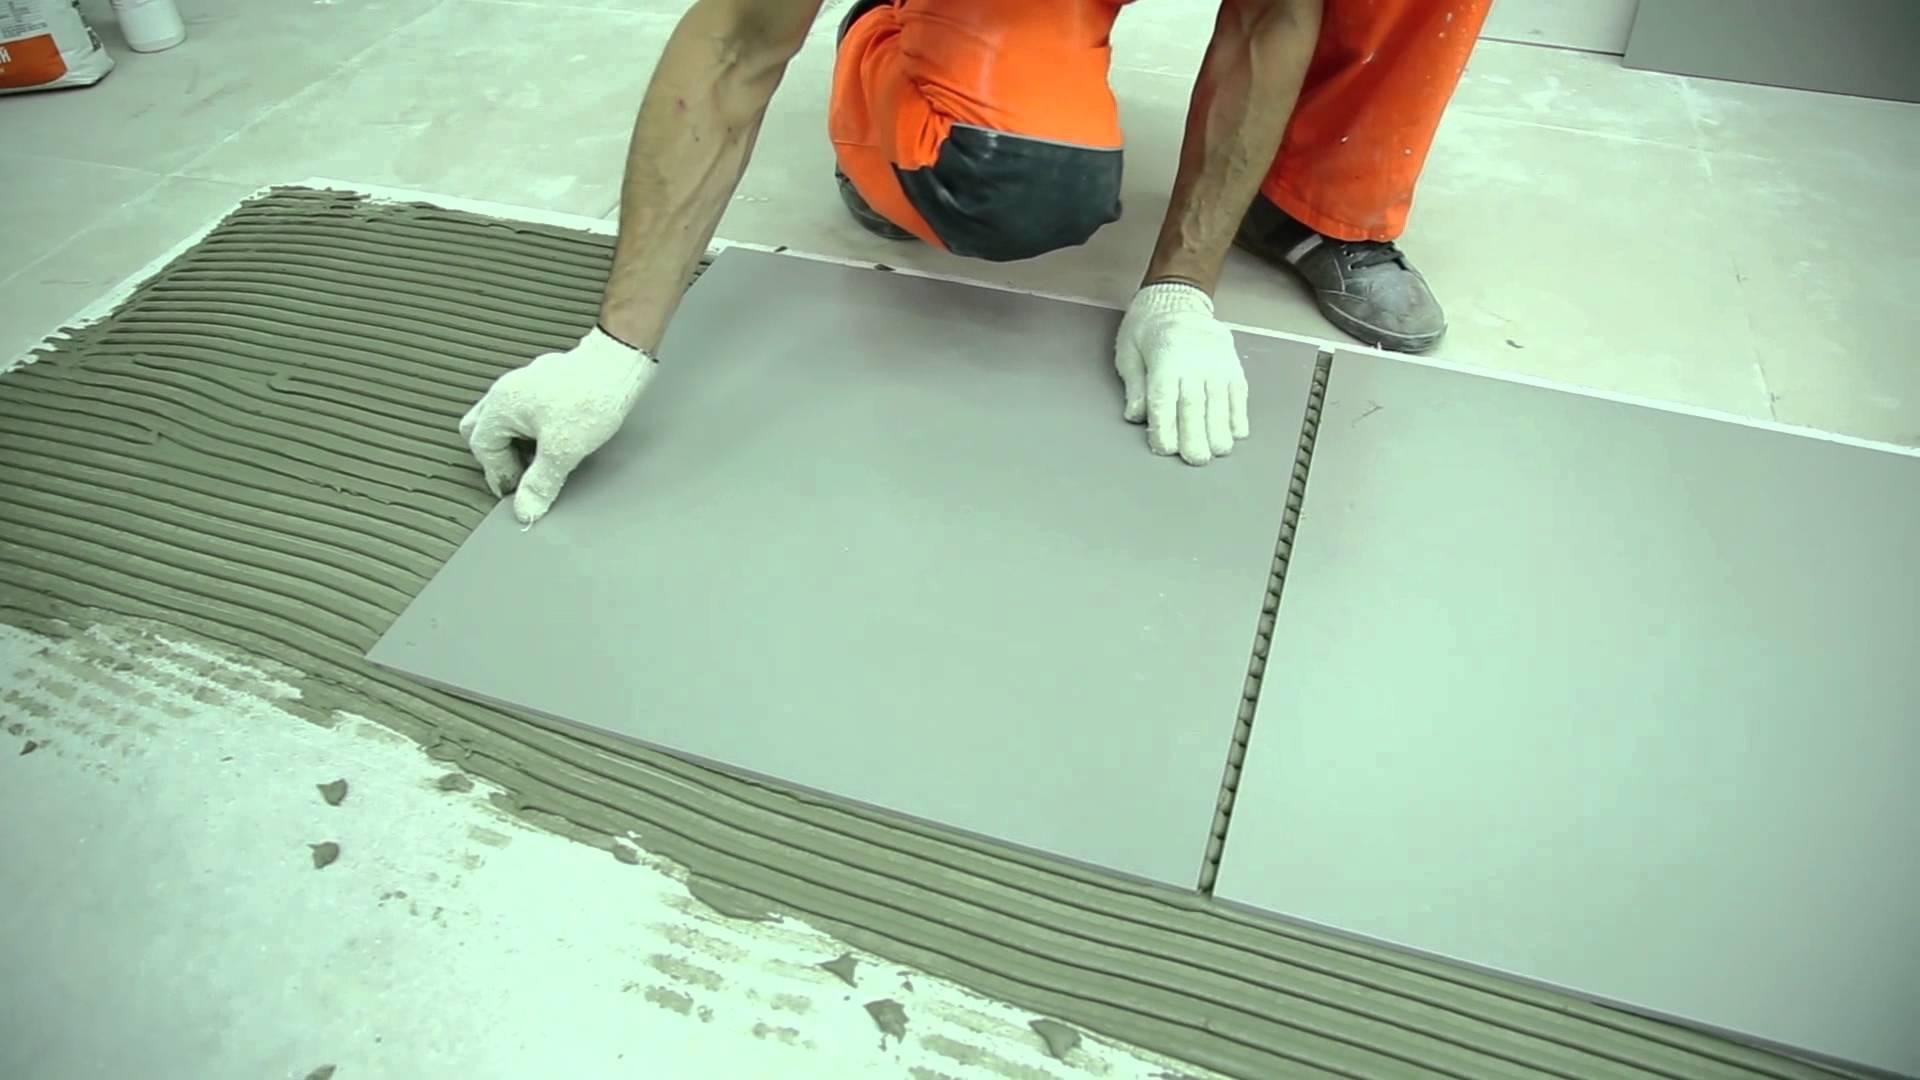 Прежде чем положить пвх-материал, ему нужно дать возможность акклиматизироваться в течение суток в помещении, где планируется ремонт.